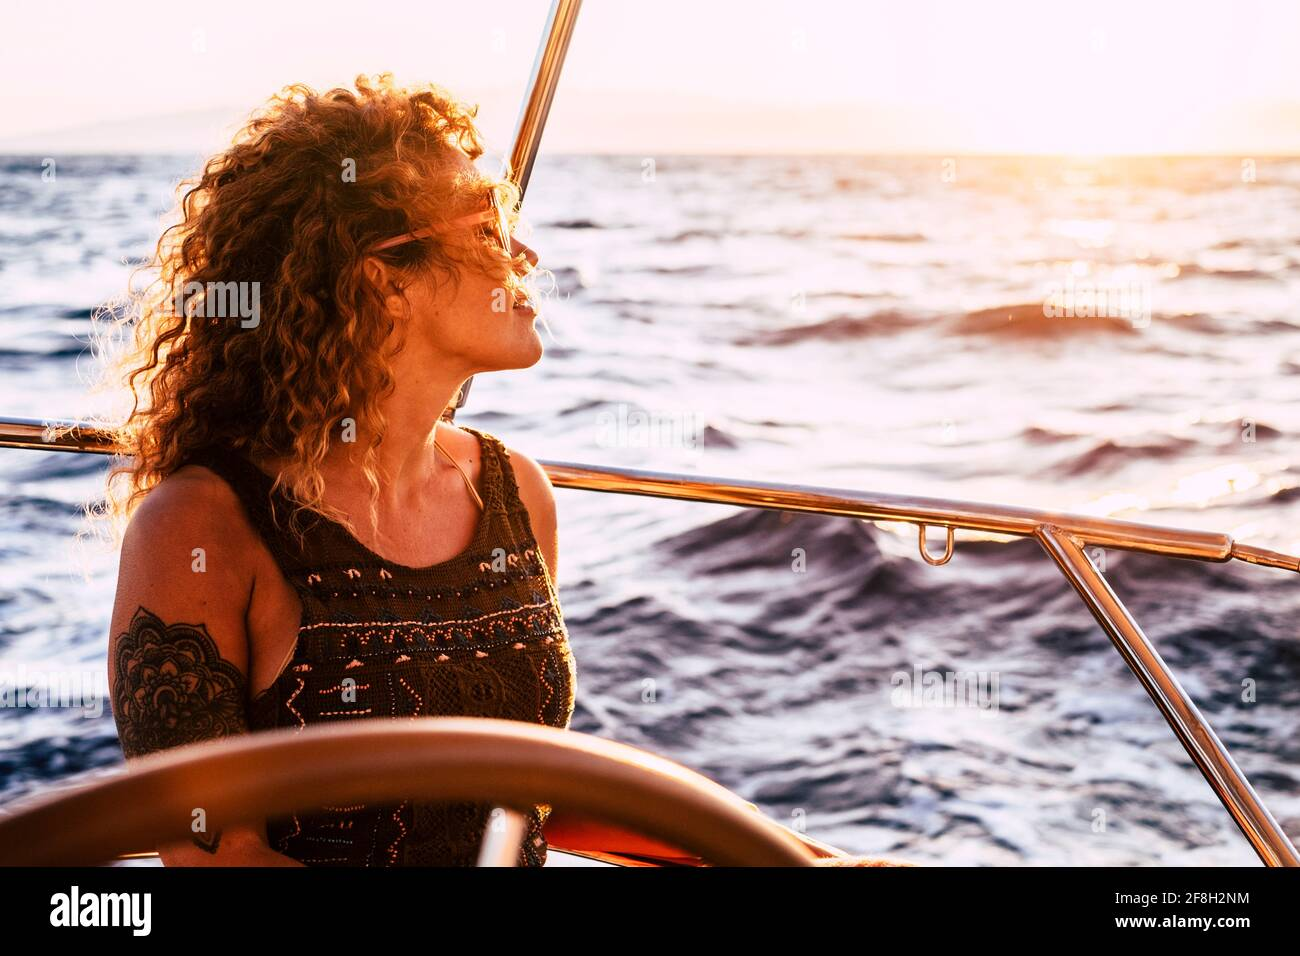 Erwachsene reiche Frau genießen Luxus Lifestyle Reisen auf Segelboot Yacht Für Sommerurlaub - hübsche weibliche Menschen Freiheit im Freien Mit Meer Stockfoto